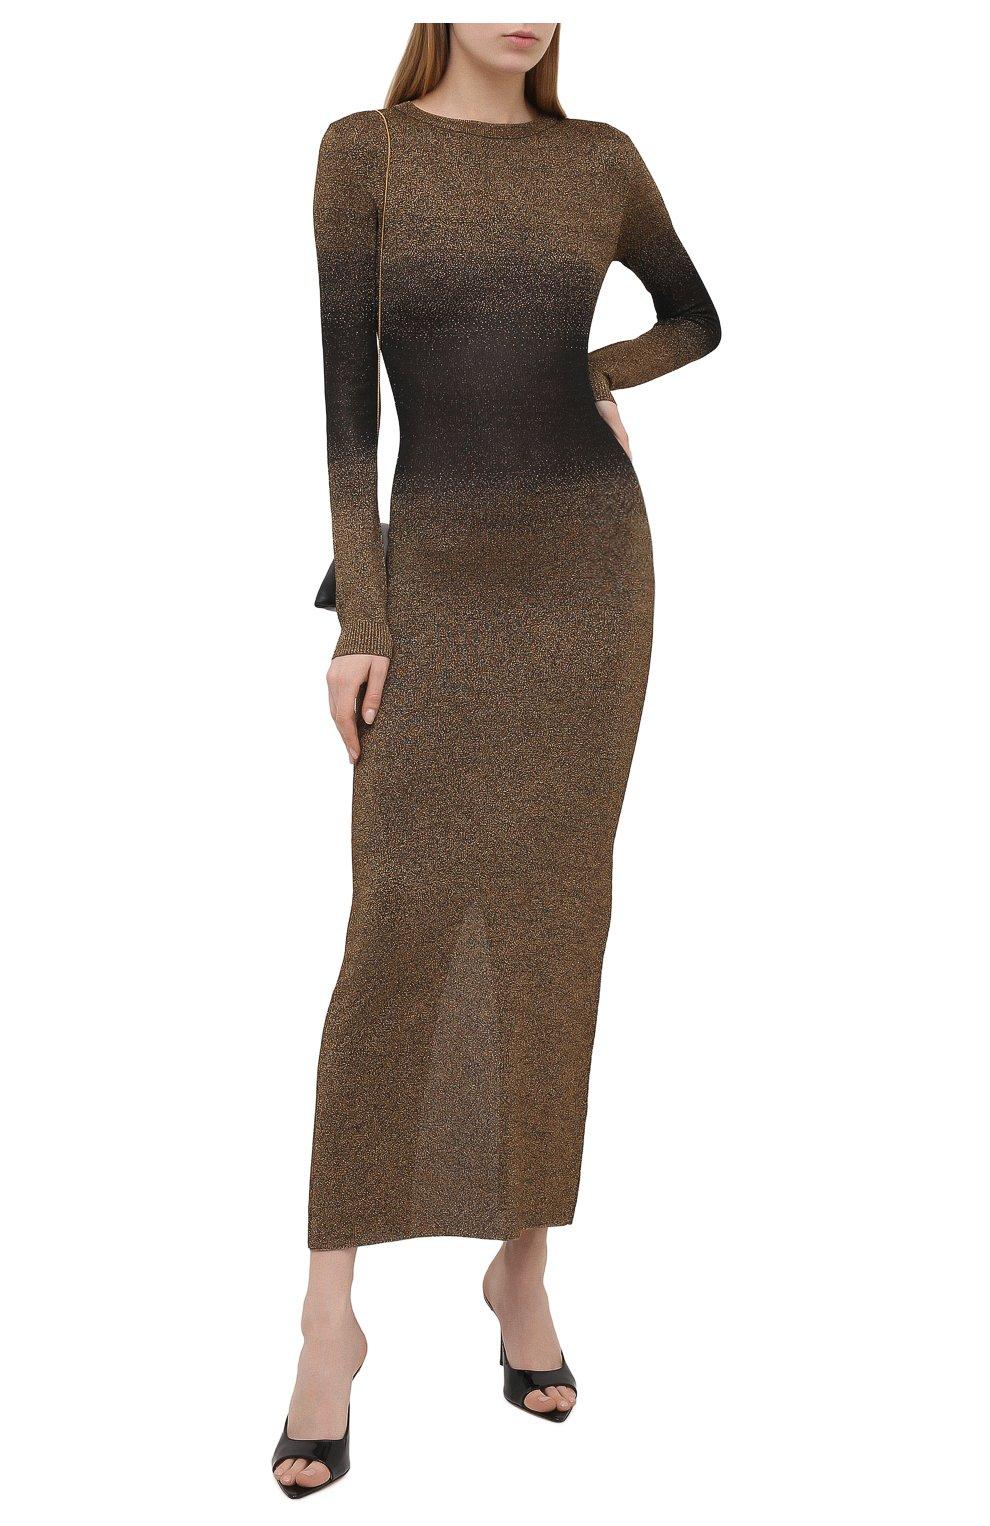 Женское платье PACO RABANNE бронзового цвета, арт. 21PMR0317ML0065 | Фото 2 (Рукава: Длинные; Стили: Гламурный; Случай: Вечерний; Материал внешний: Синтетический материал, Вискоза; Кросс-КТ: Трикотаж; Длина Ж (юбки, платья, шорты): Макси; Женское Кросс-КТ: Платье-одежда)